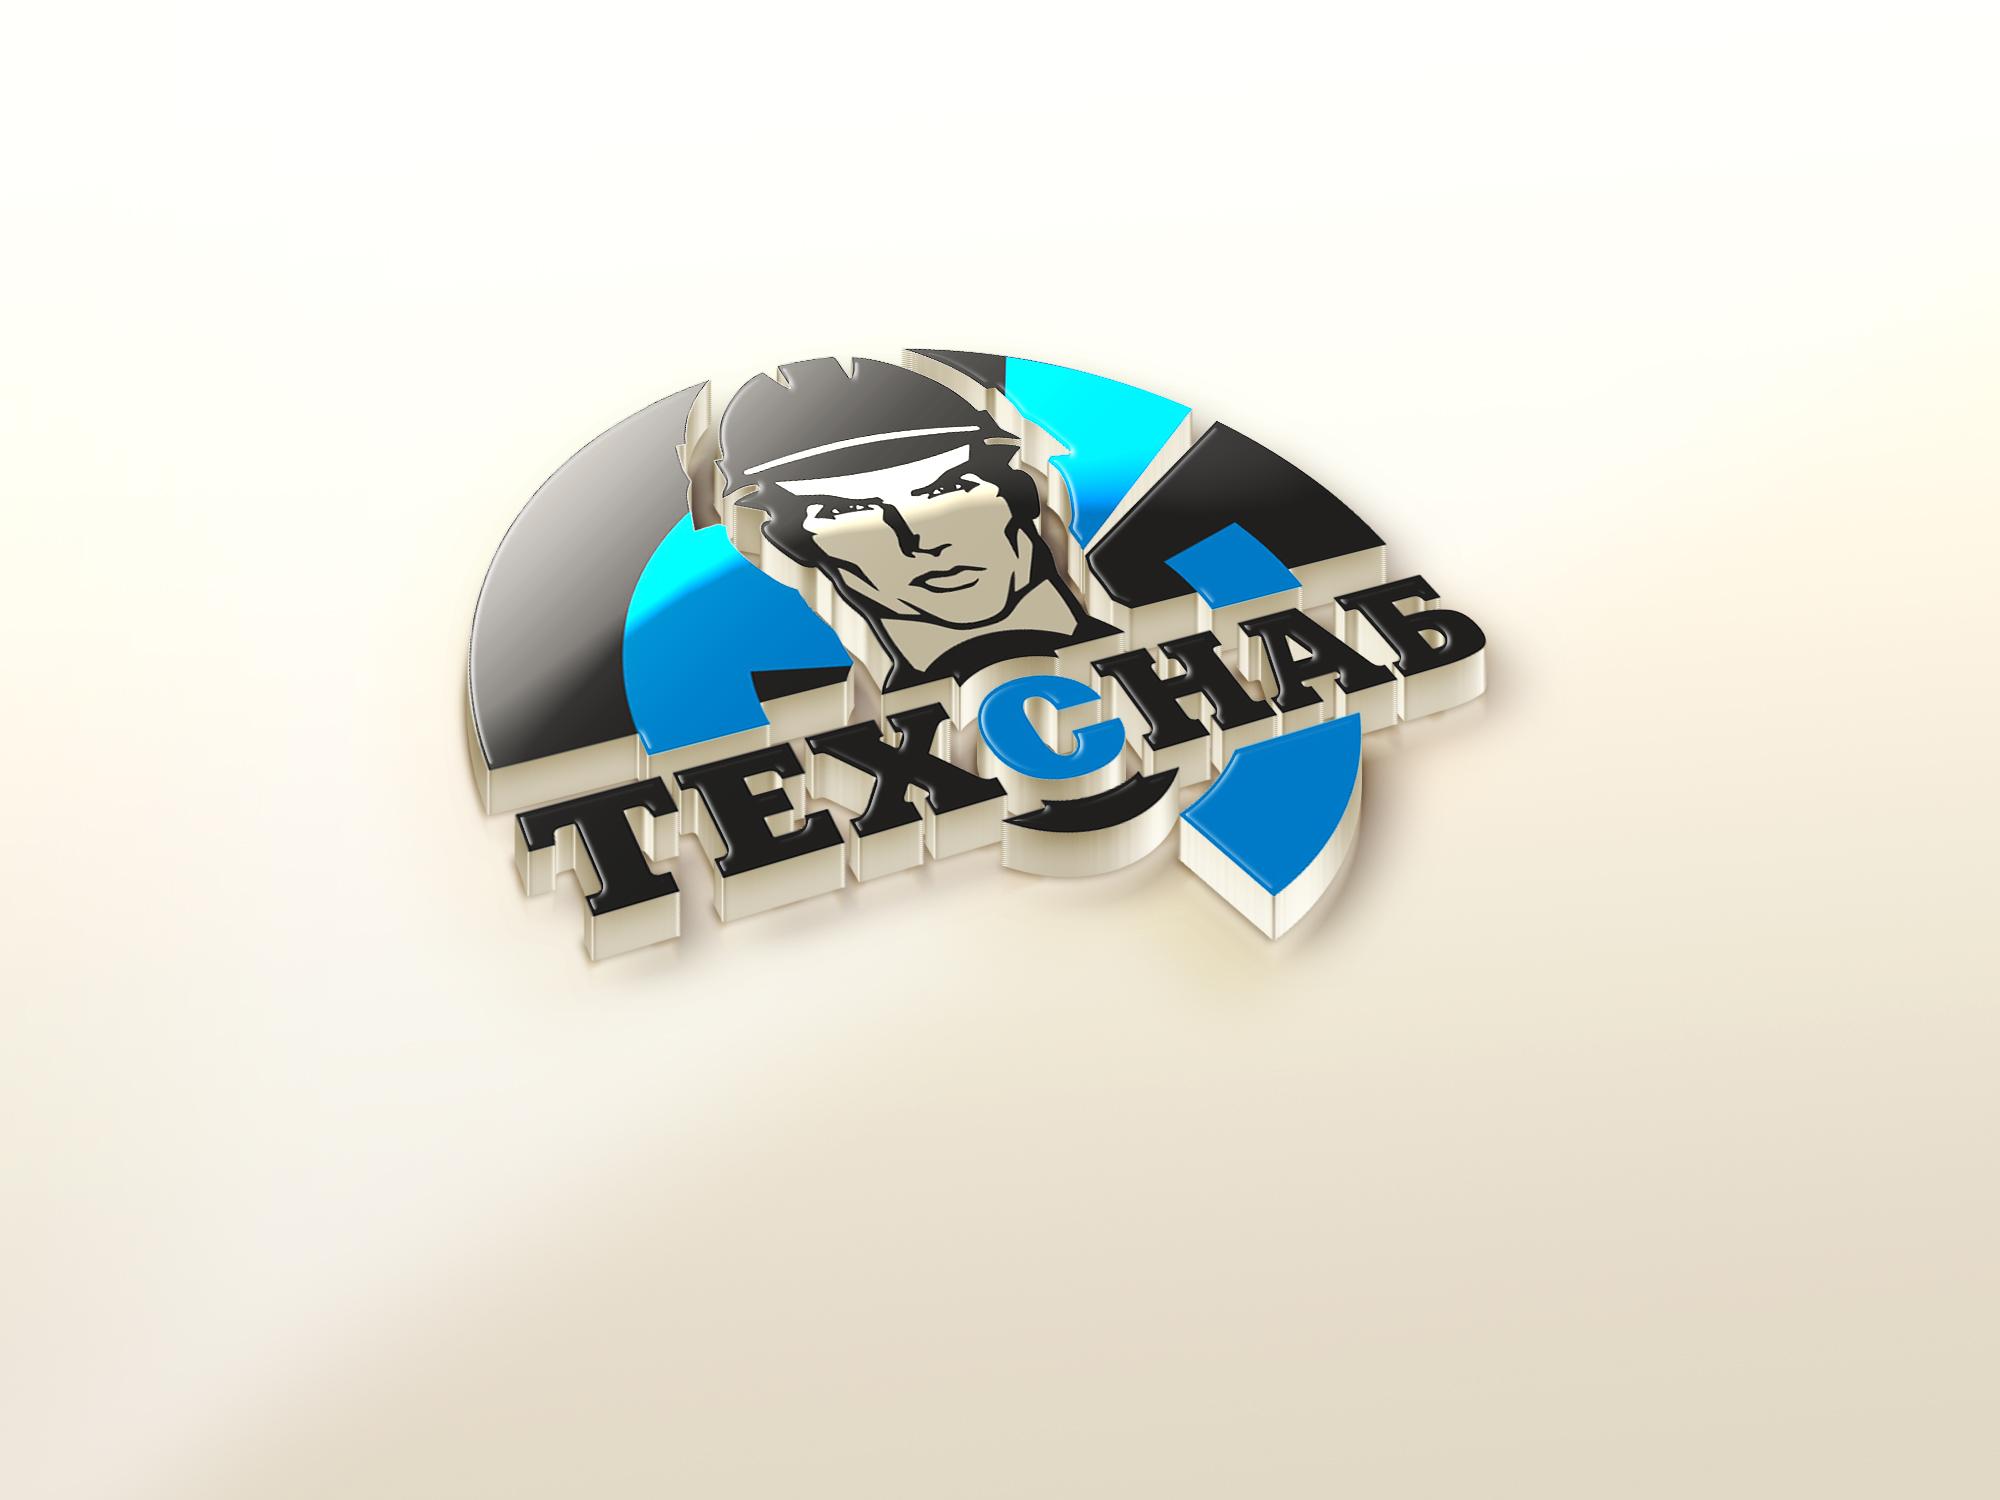 Разработка логотипа и фирм. стиля компании  ТЕХСНАБ фото f_3105b2151991159a.jpg